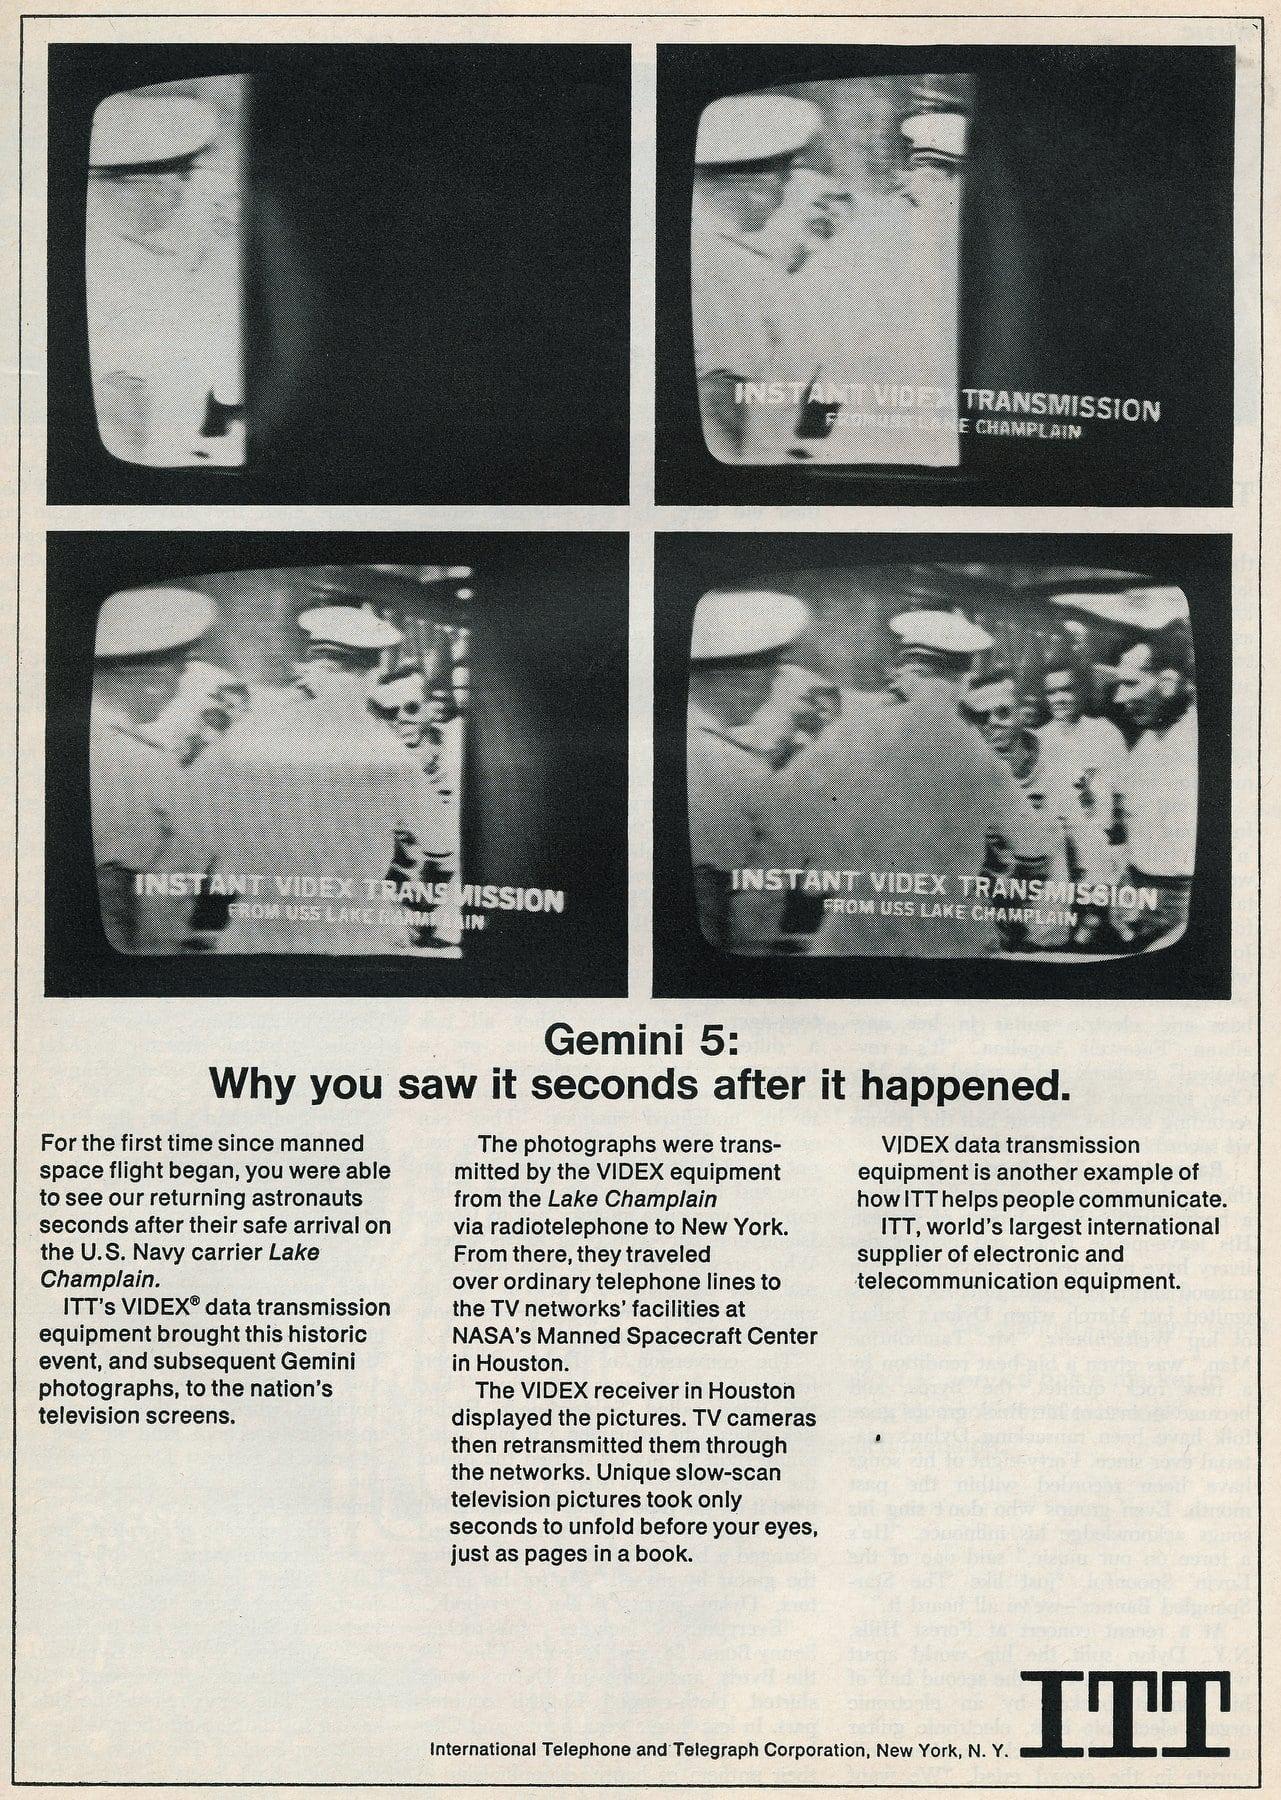 Gemini 5 on TV (1965)